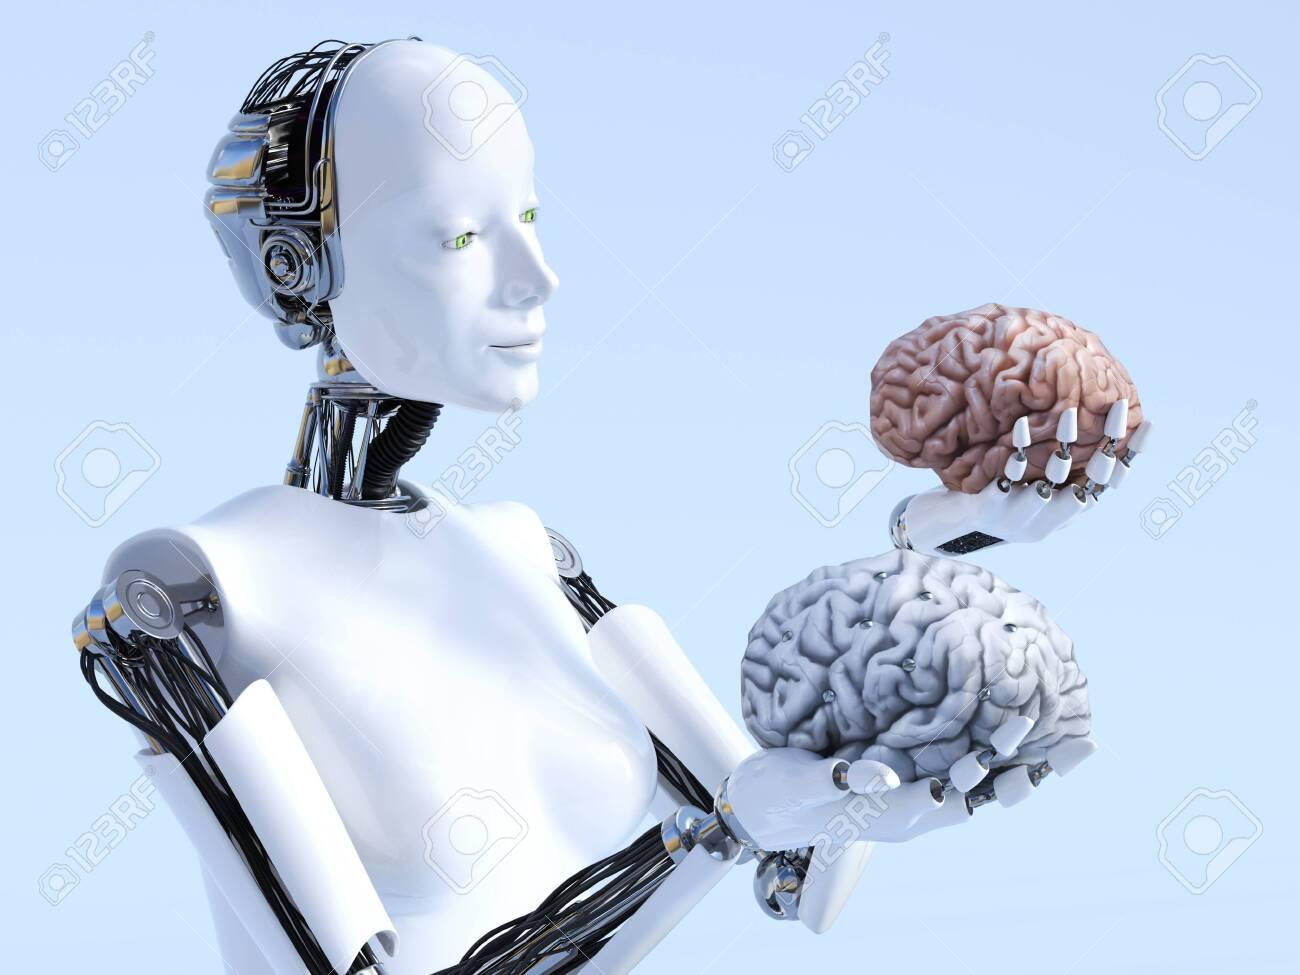 Rákapcsolni az emberi agyat egy robotra ma már nem lehetetlen